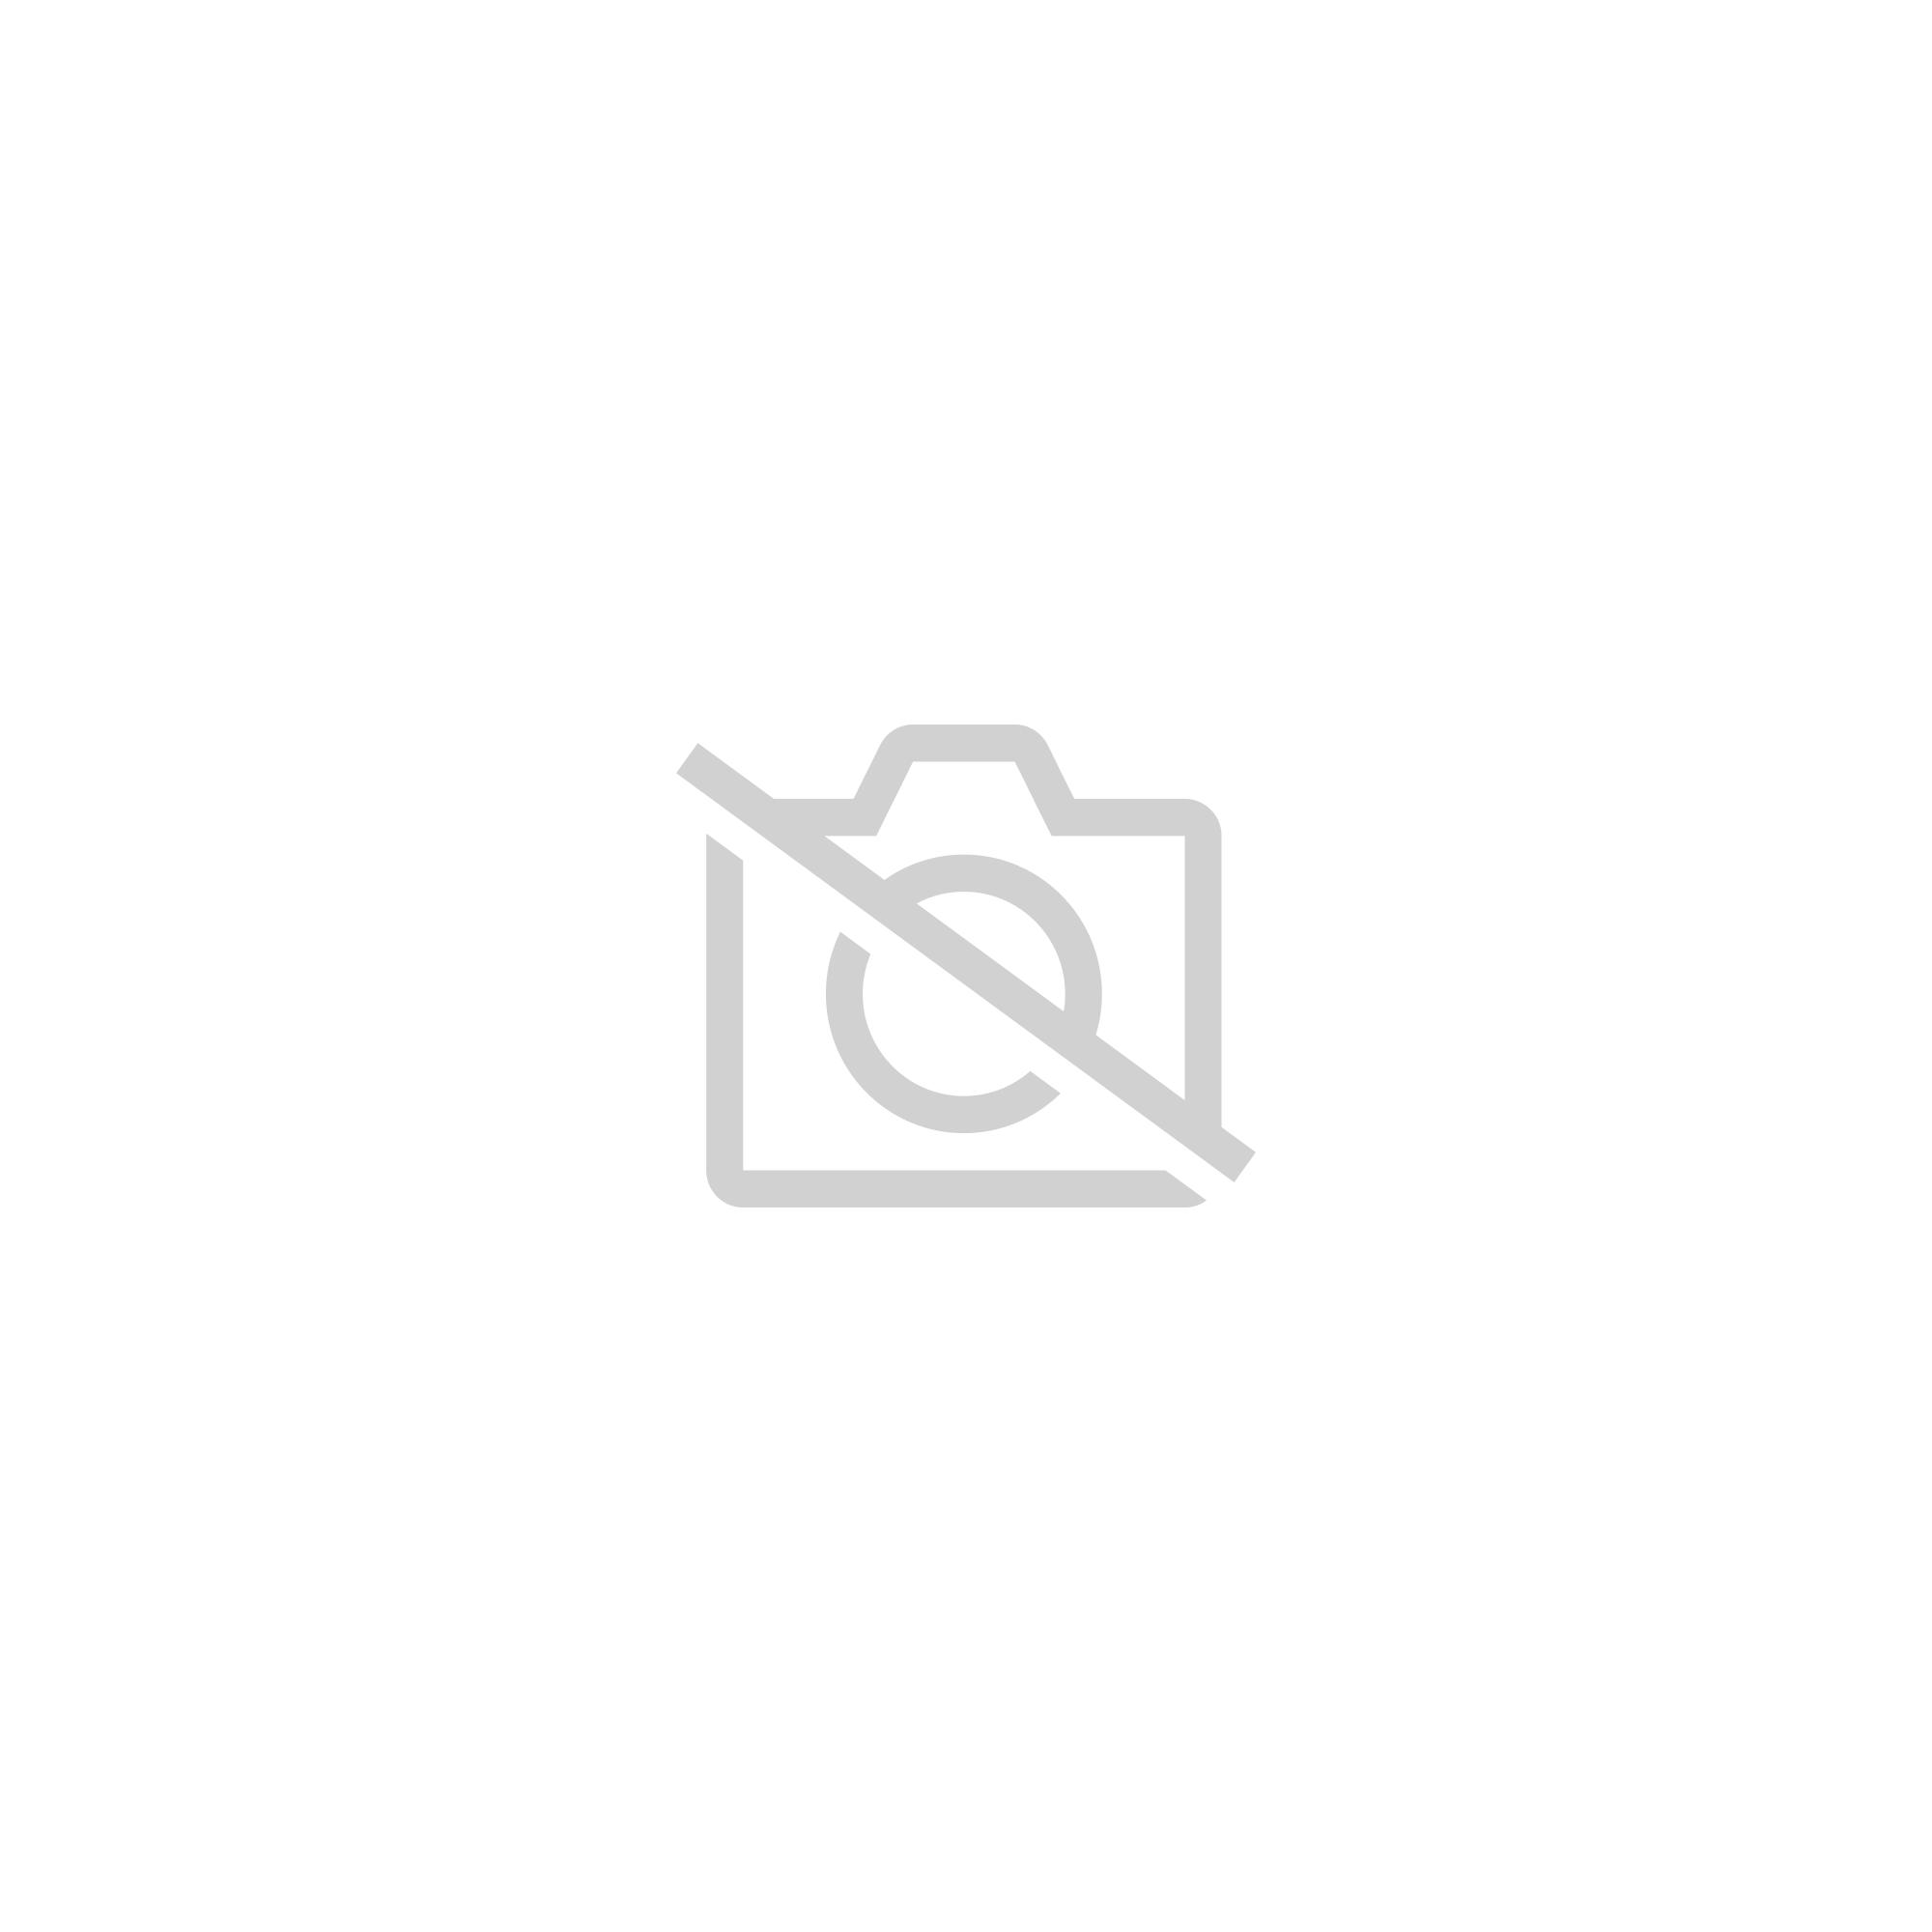 La Petite Maison Dans La Prairie (Tome4 : Un Enfant De La Terre) de WILDER Laura Ingalls